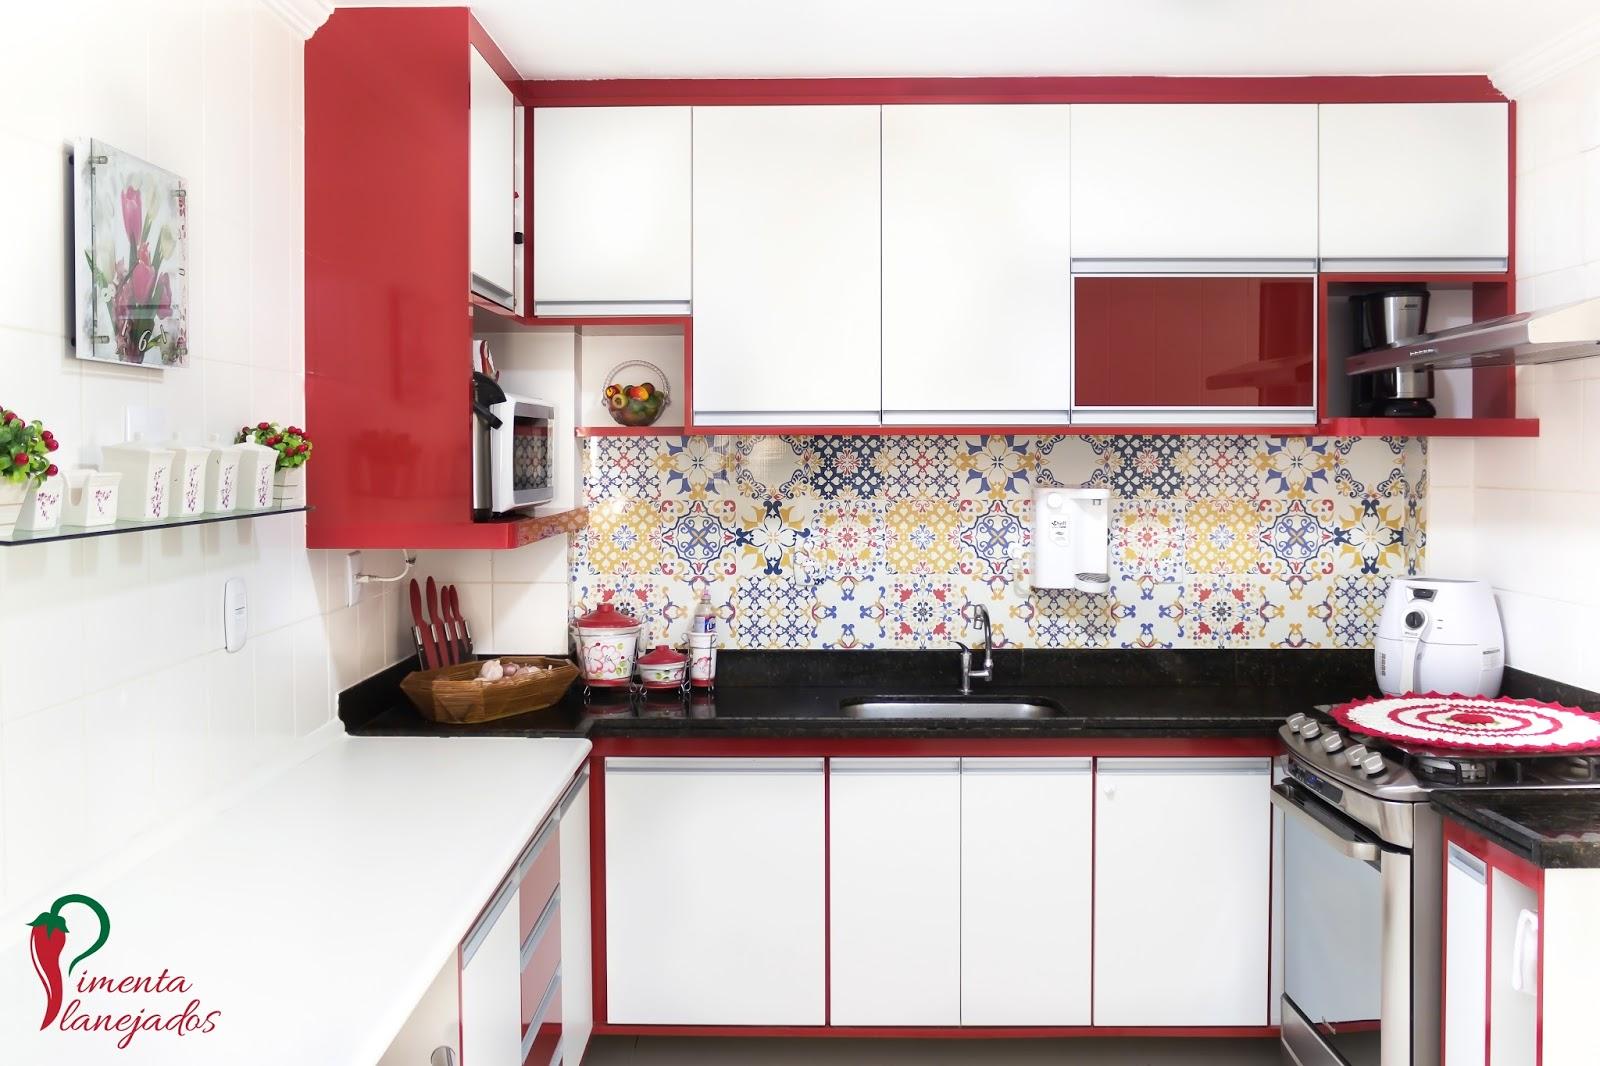 Ousando Na Cor Cozinha Vermelha Pimenta Planejados ~ Armario Modulado Para Quarto E Quarto Vermelho E Branco